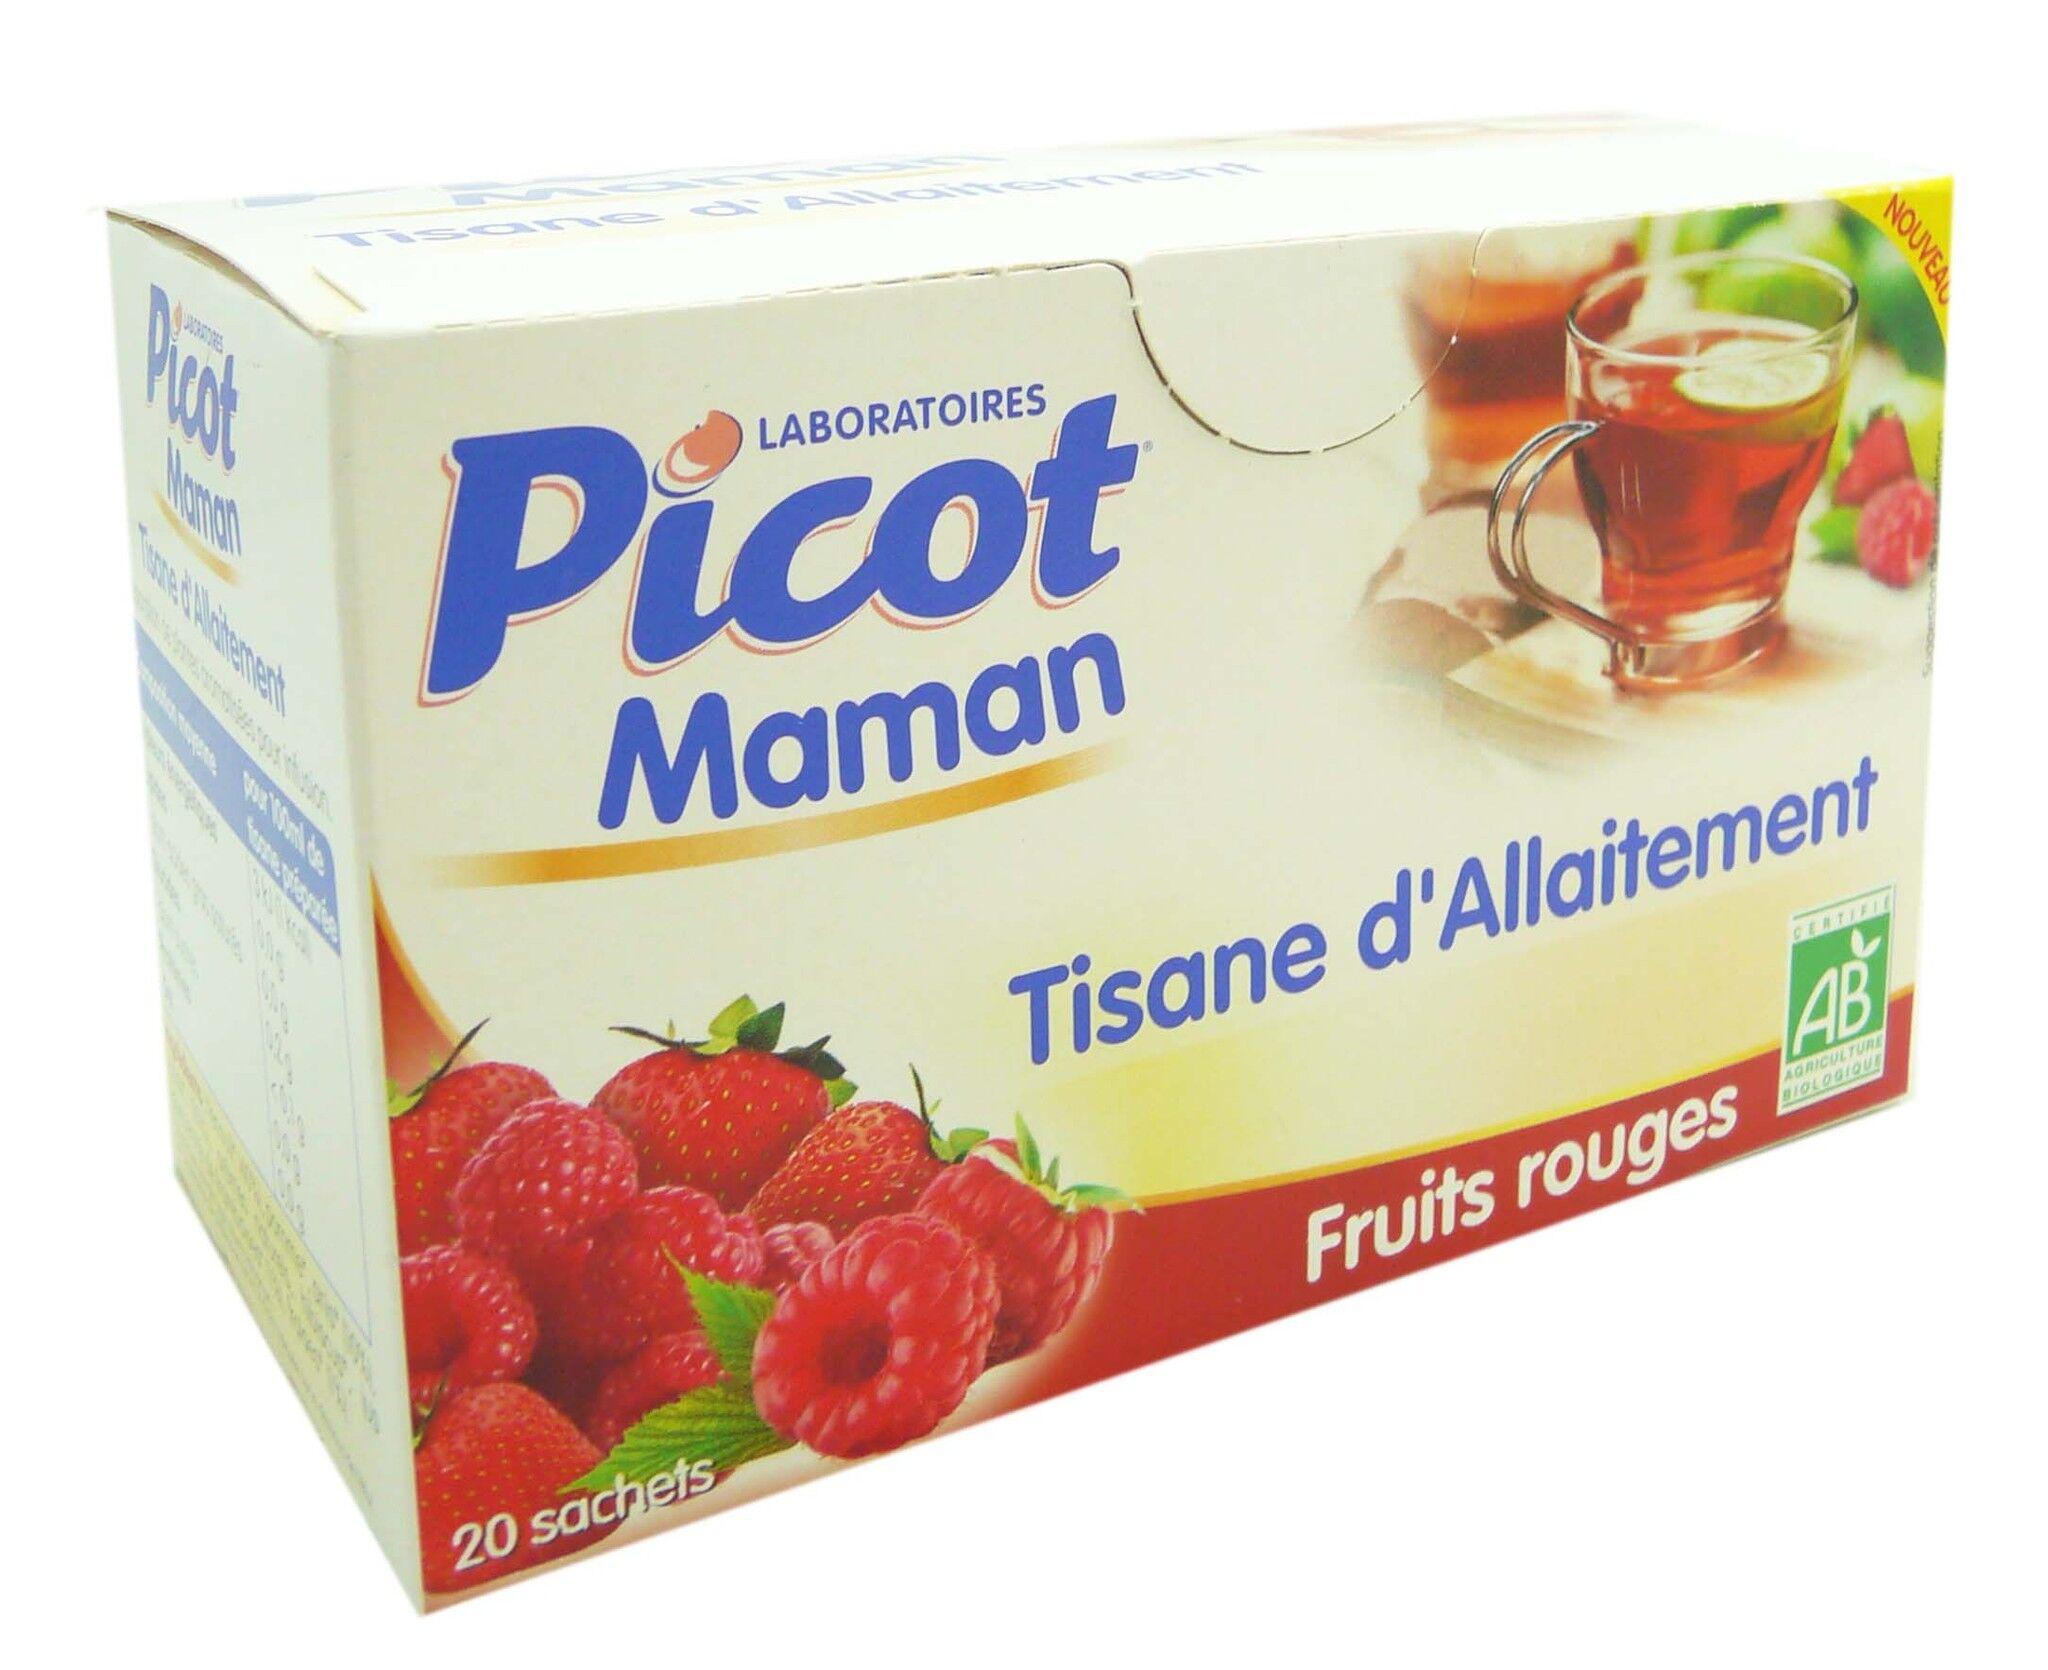 Picot maman tisane d'allaitement fruits rouges